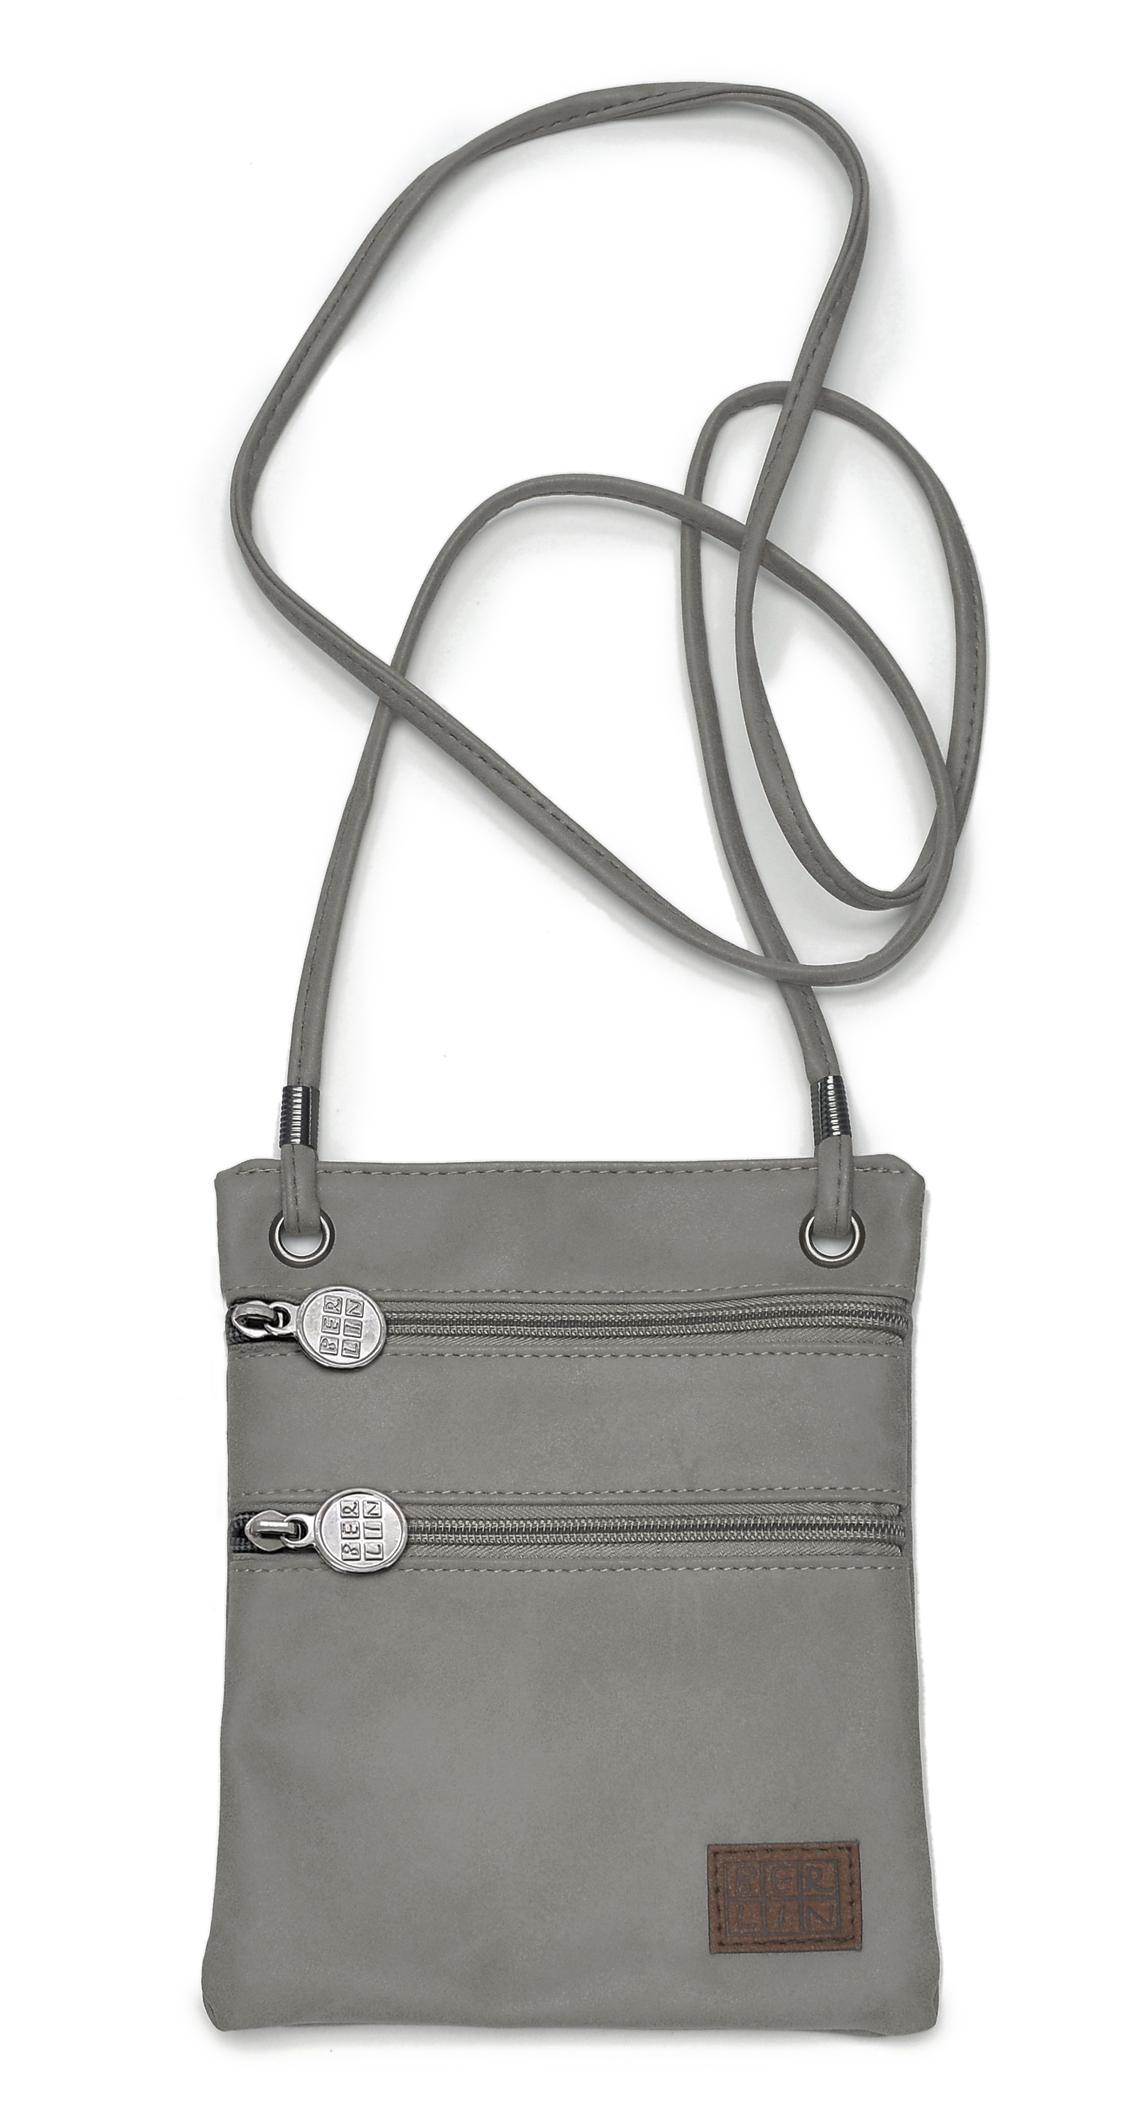 030-2505_sling-bag_grau